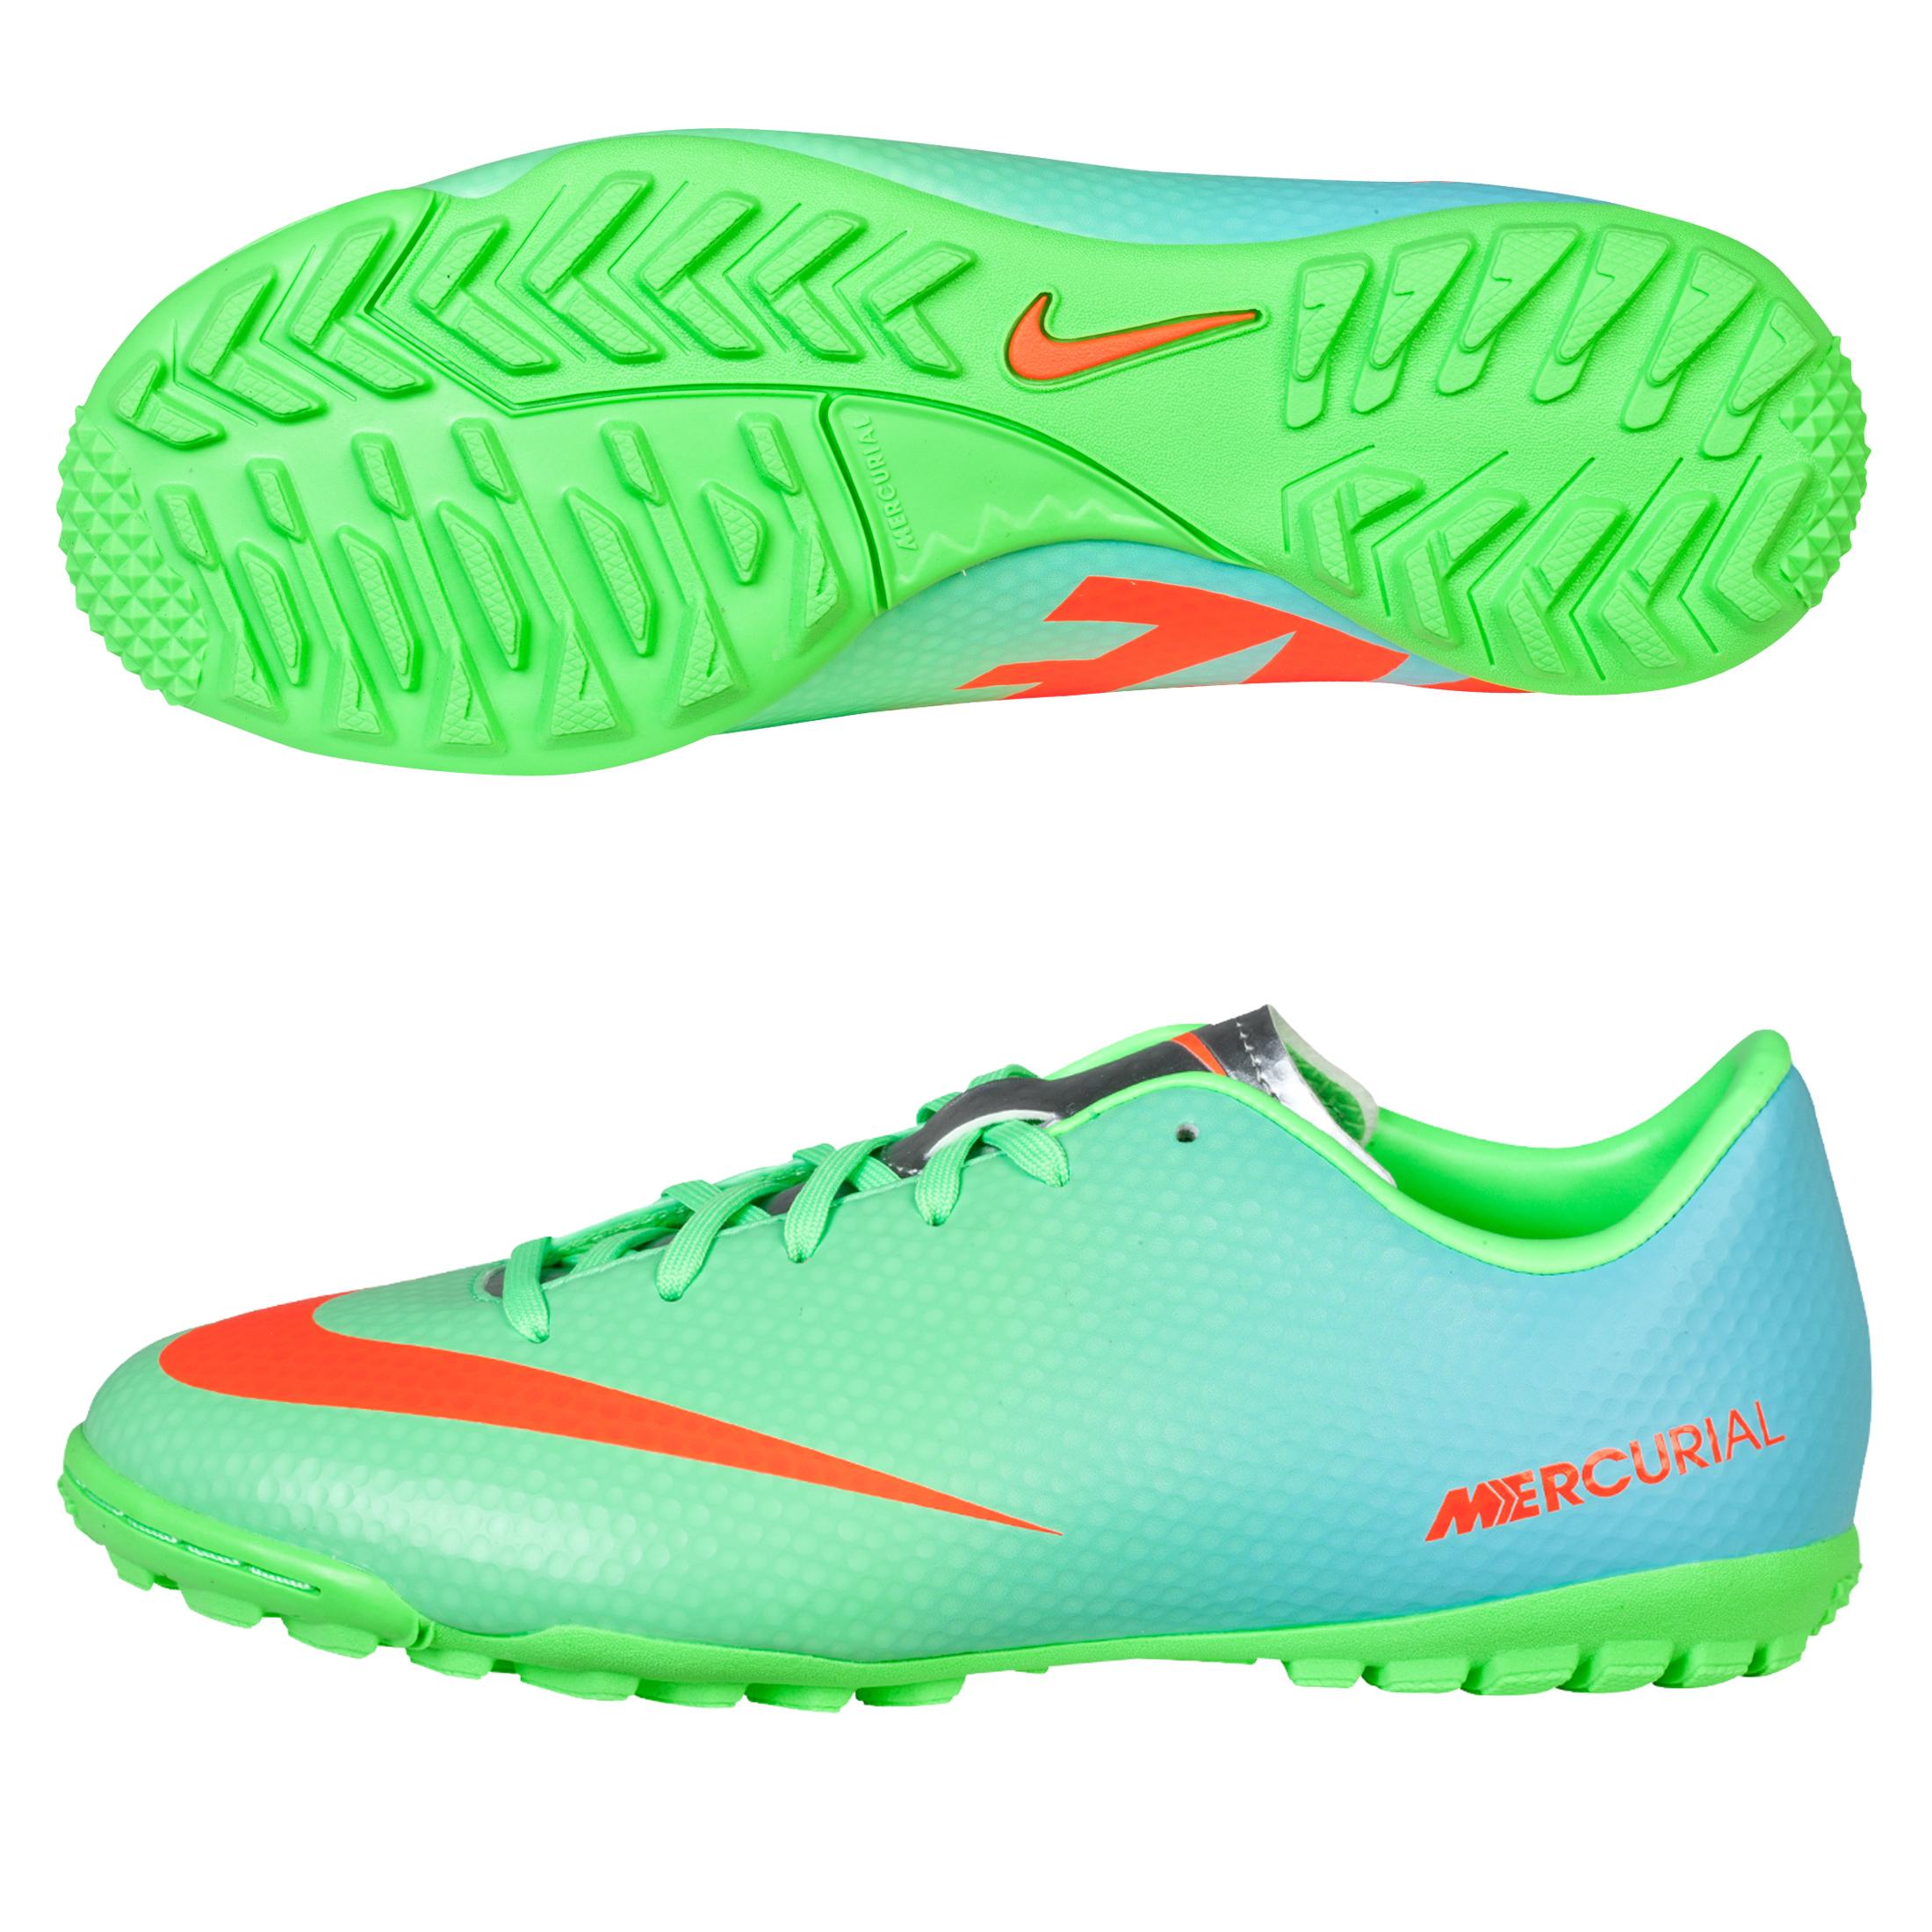 Nike Mercurial Victory IV Astroturf Trainers - Kids Green